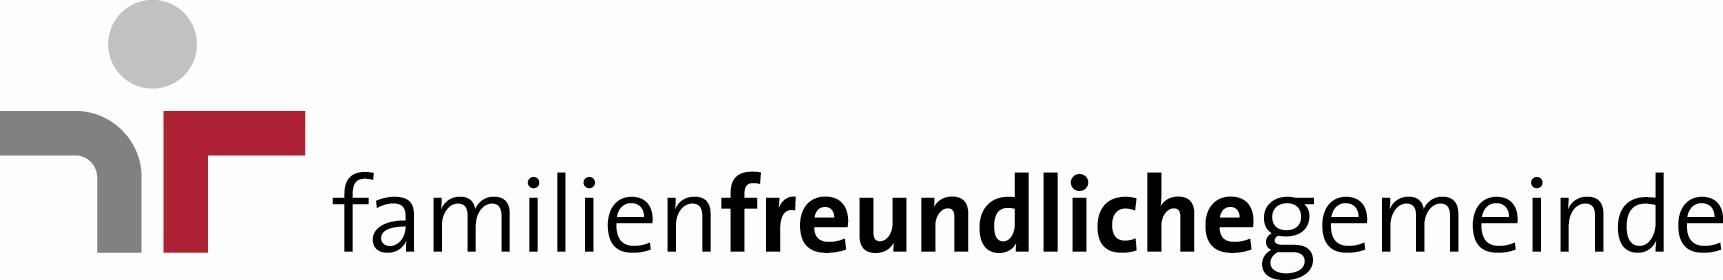 Logo familienfreundlichegemeinde